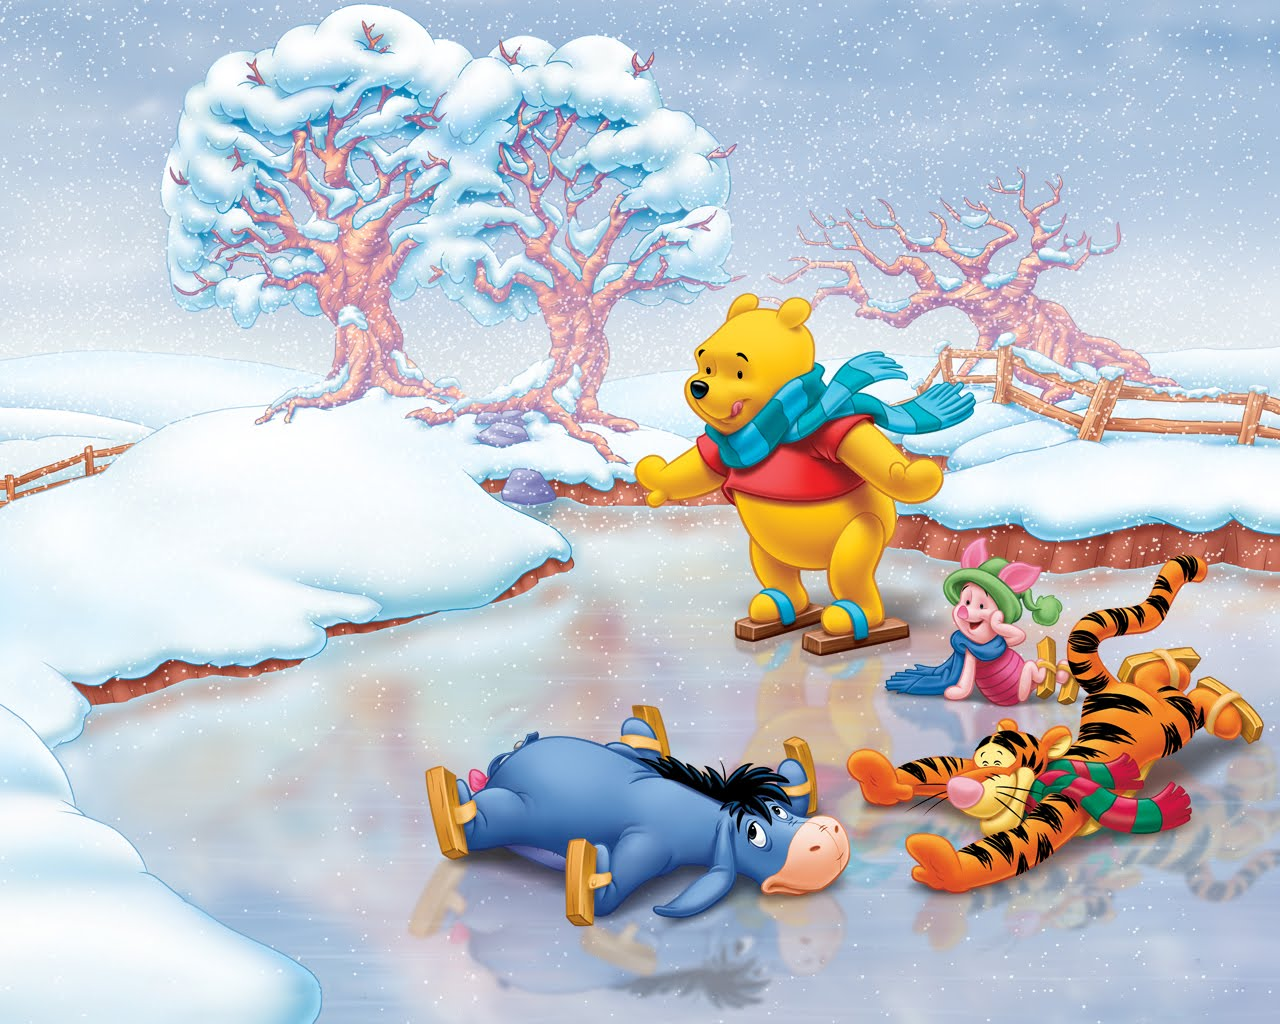 http://2.bp.blogspot.com/_5eZDZgRT0J4/TRMozrBKiTI/AAAAAAAAIls/zWaUyGEk3yM/s1600/winnie-the-pooh-wallpaper-4-761888.jpg